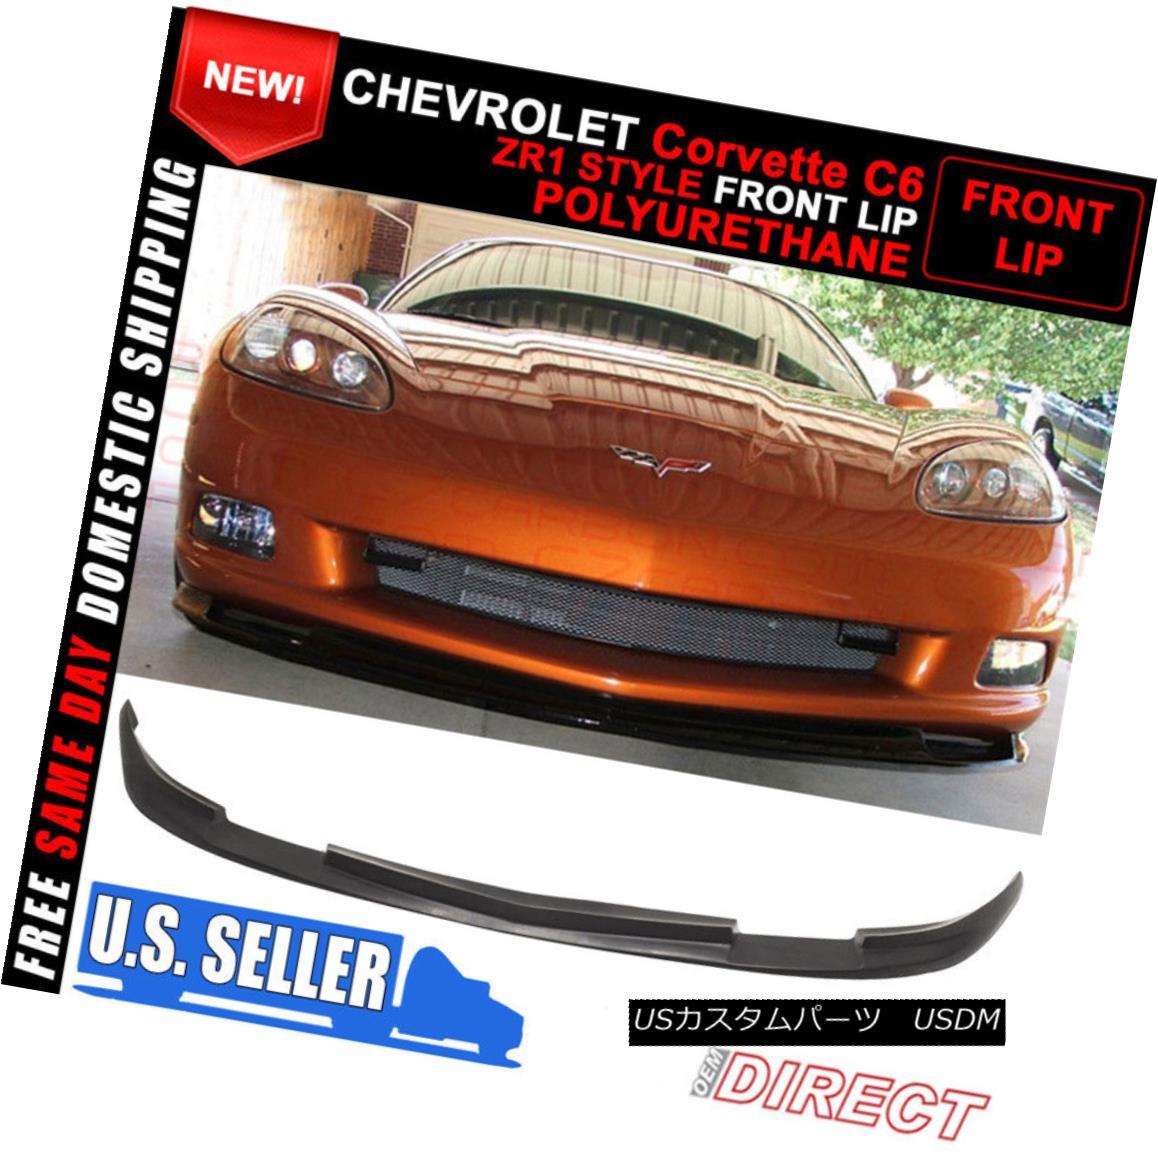 <title>車用品 バイク用品 >> パーツ 外装 エアロパーツ フロントスポイラー For 06-13 Chevy Corvette C6 Base Front Bumper Lip Splitter 上質 Spoiler Kit PU 06-13シボレーコルベットC6ベースフロントフロントバンパーリップスプリッタースポイラーキットPU</title>